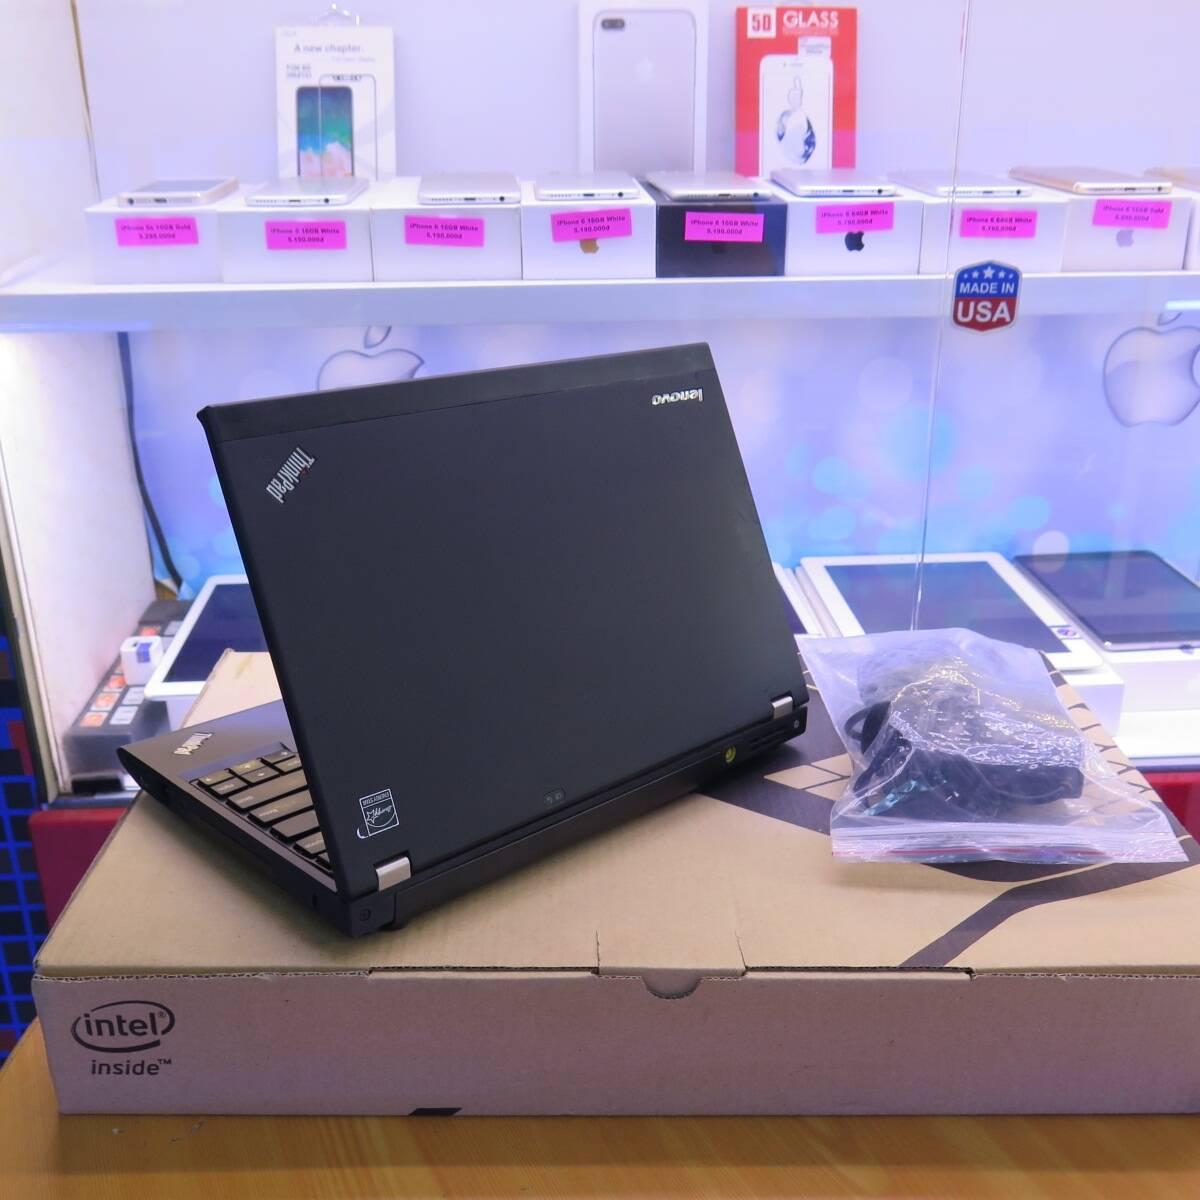 Lenovo Thinkpad X220 I5 2520M Ram 4GB SSD 128GB